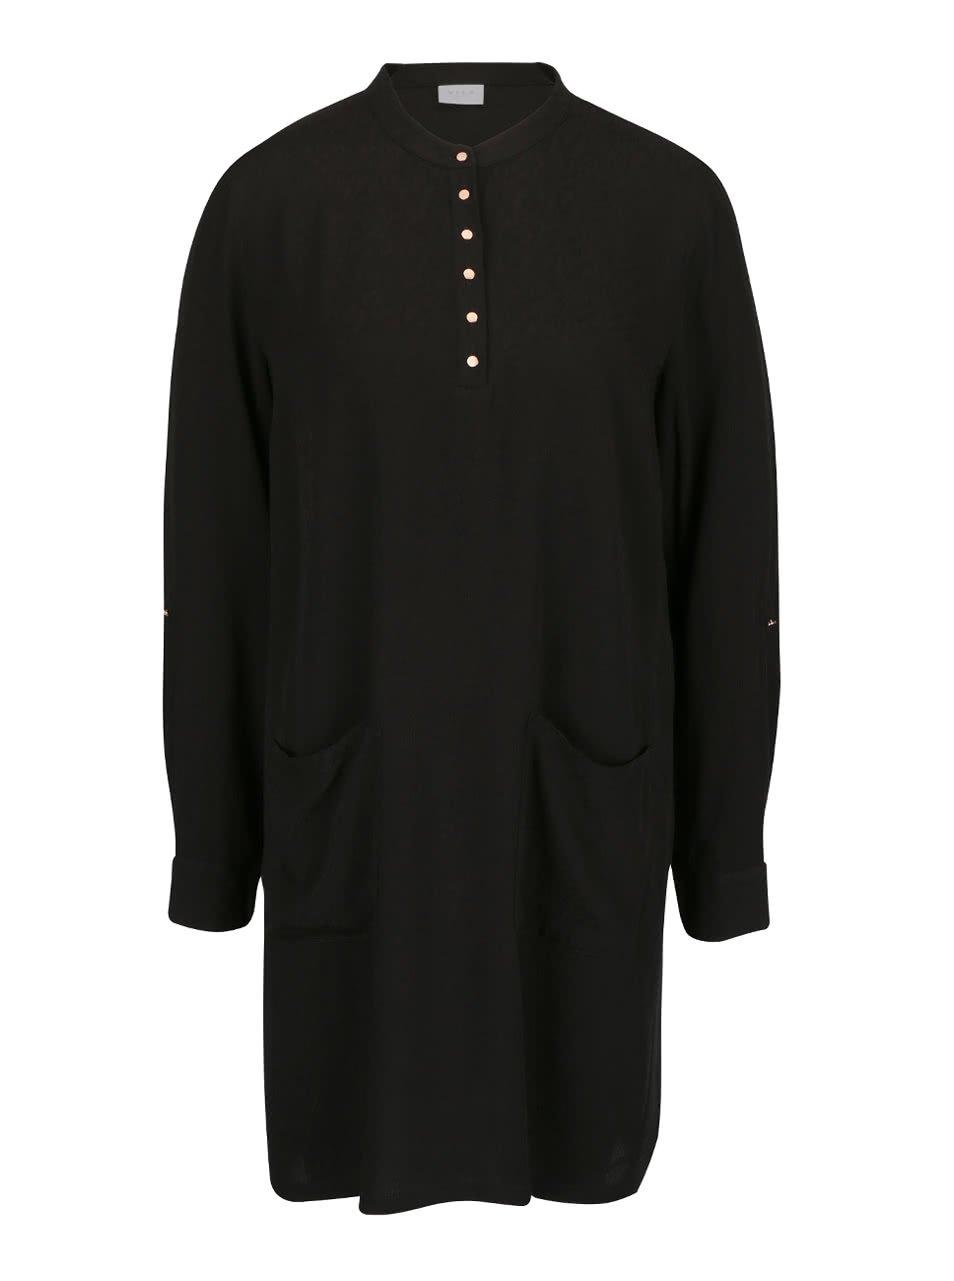 Černé šaty s kapsami a dlouhým rukávem VILA Button